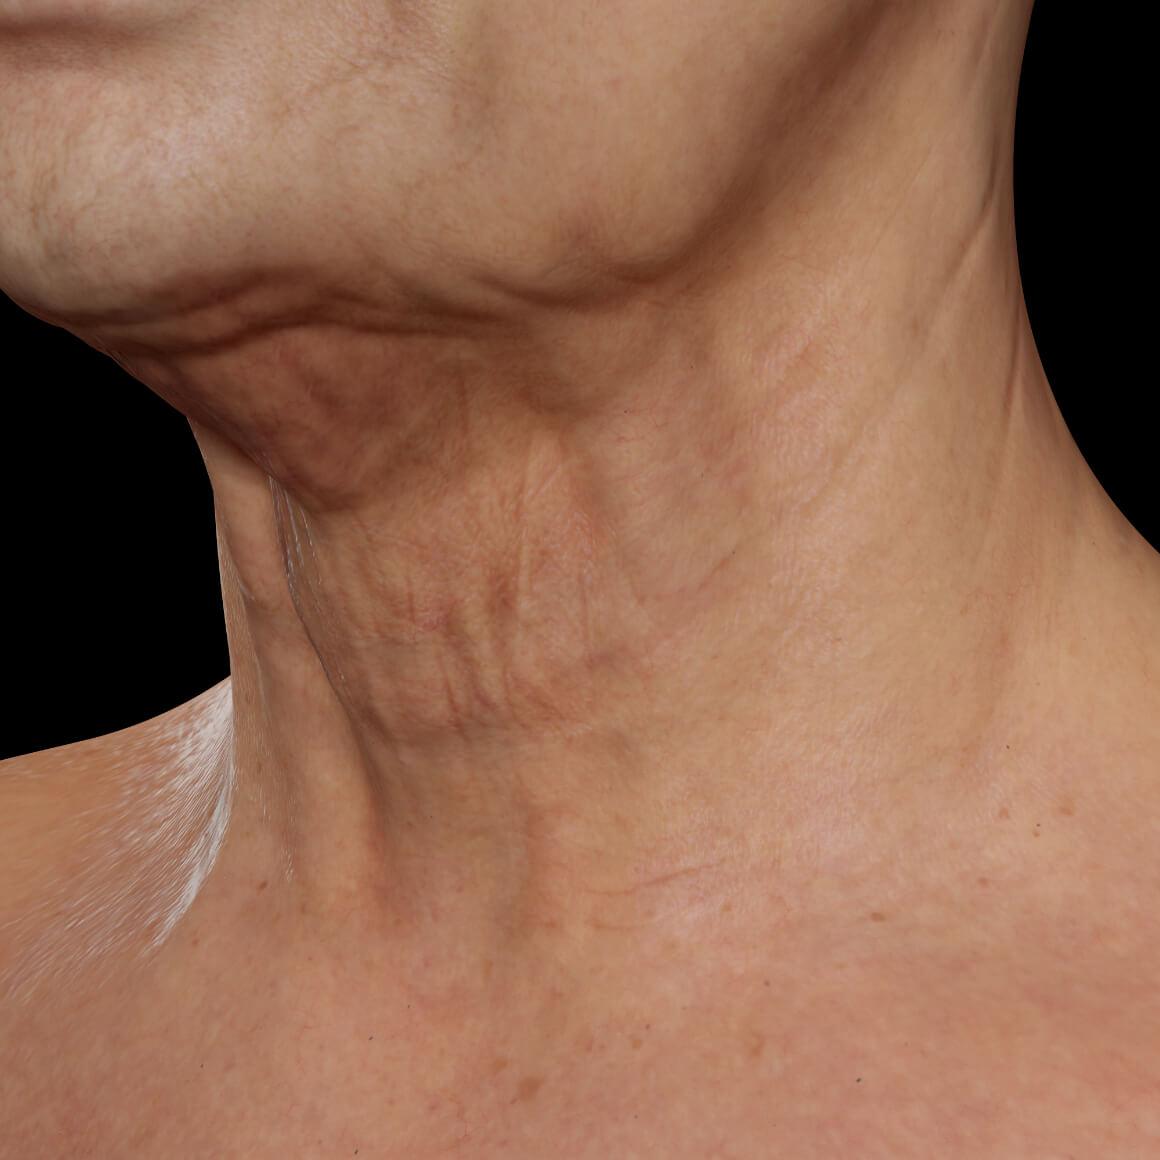 Patiente de la Clinique Chloé vue en angle aux prises avec un relâchement cutané du cou